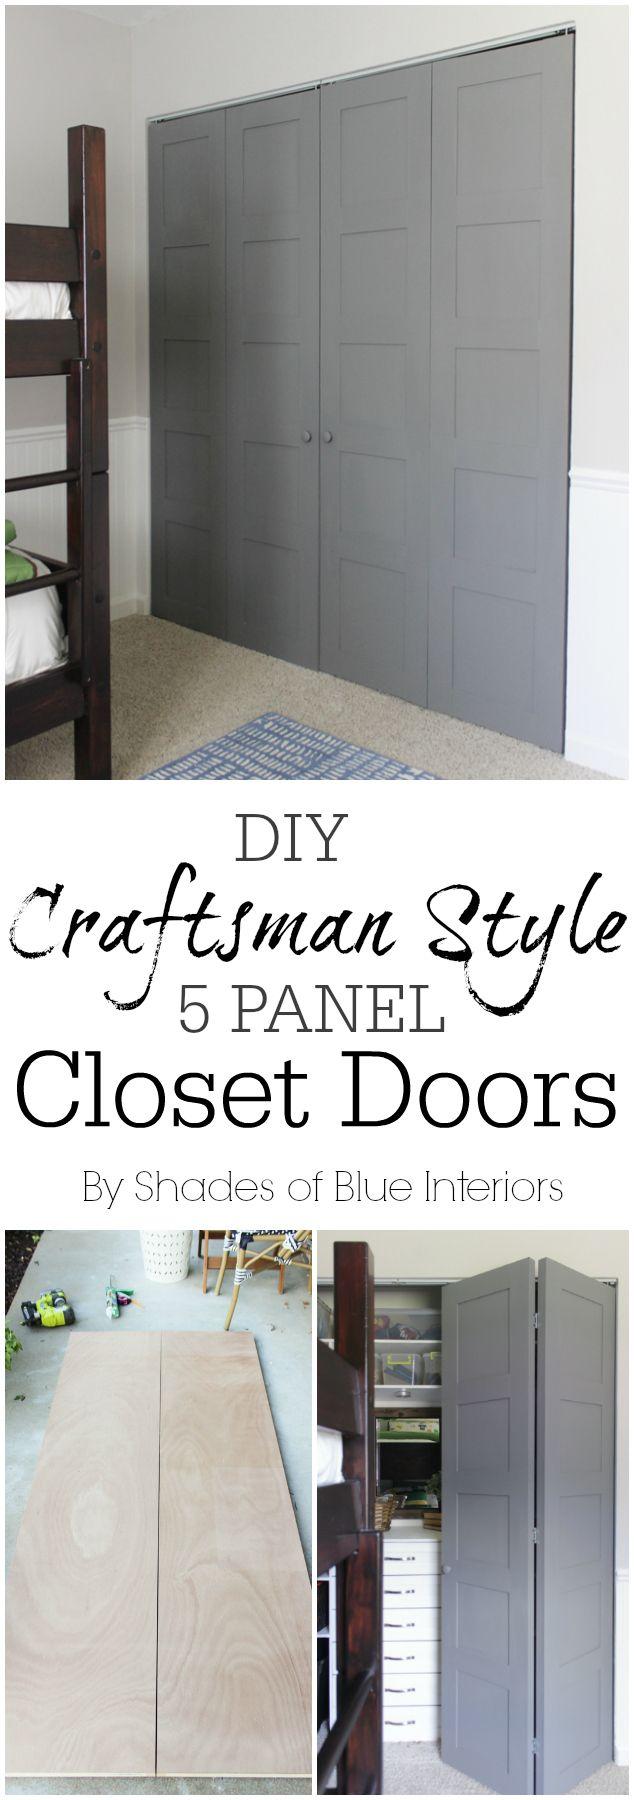 Diy Craftsman Style 5 Panel Closet Doors Bifold Closet